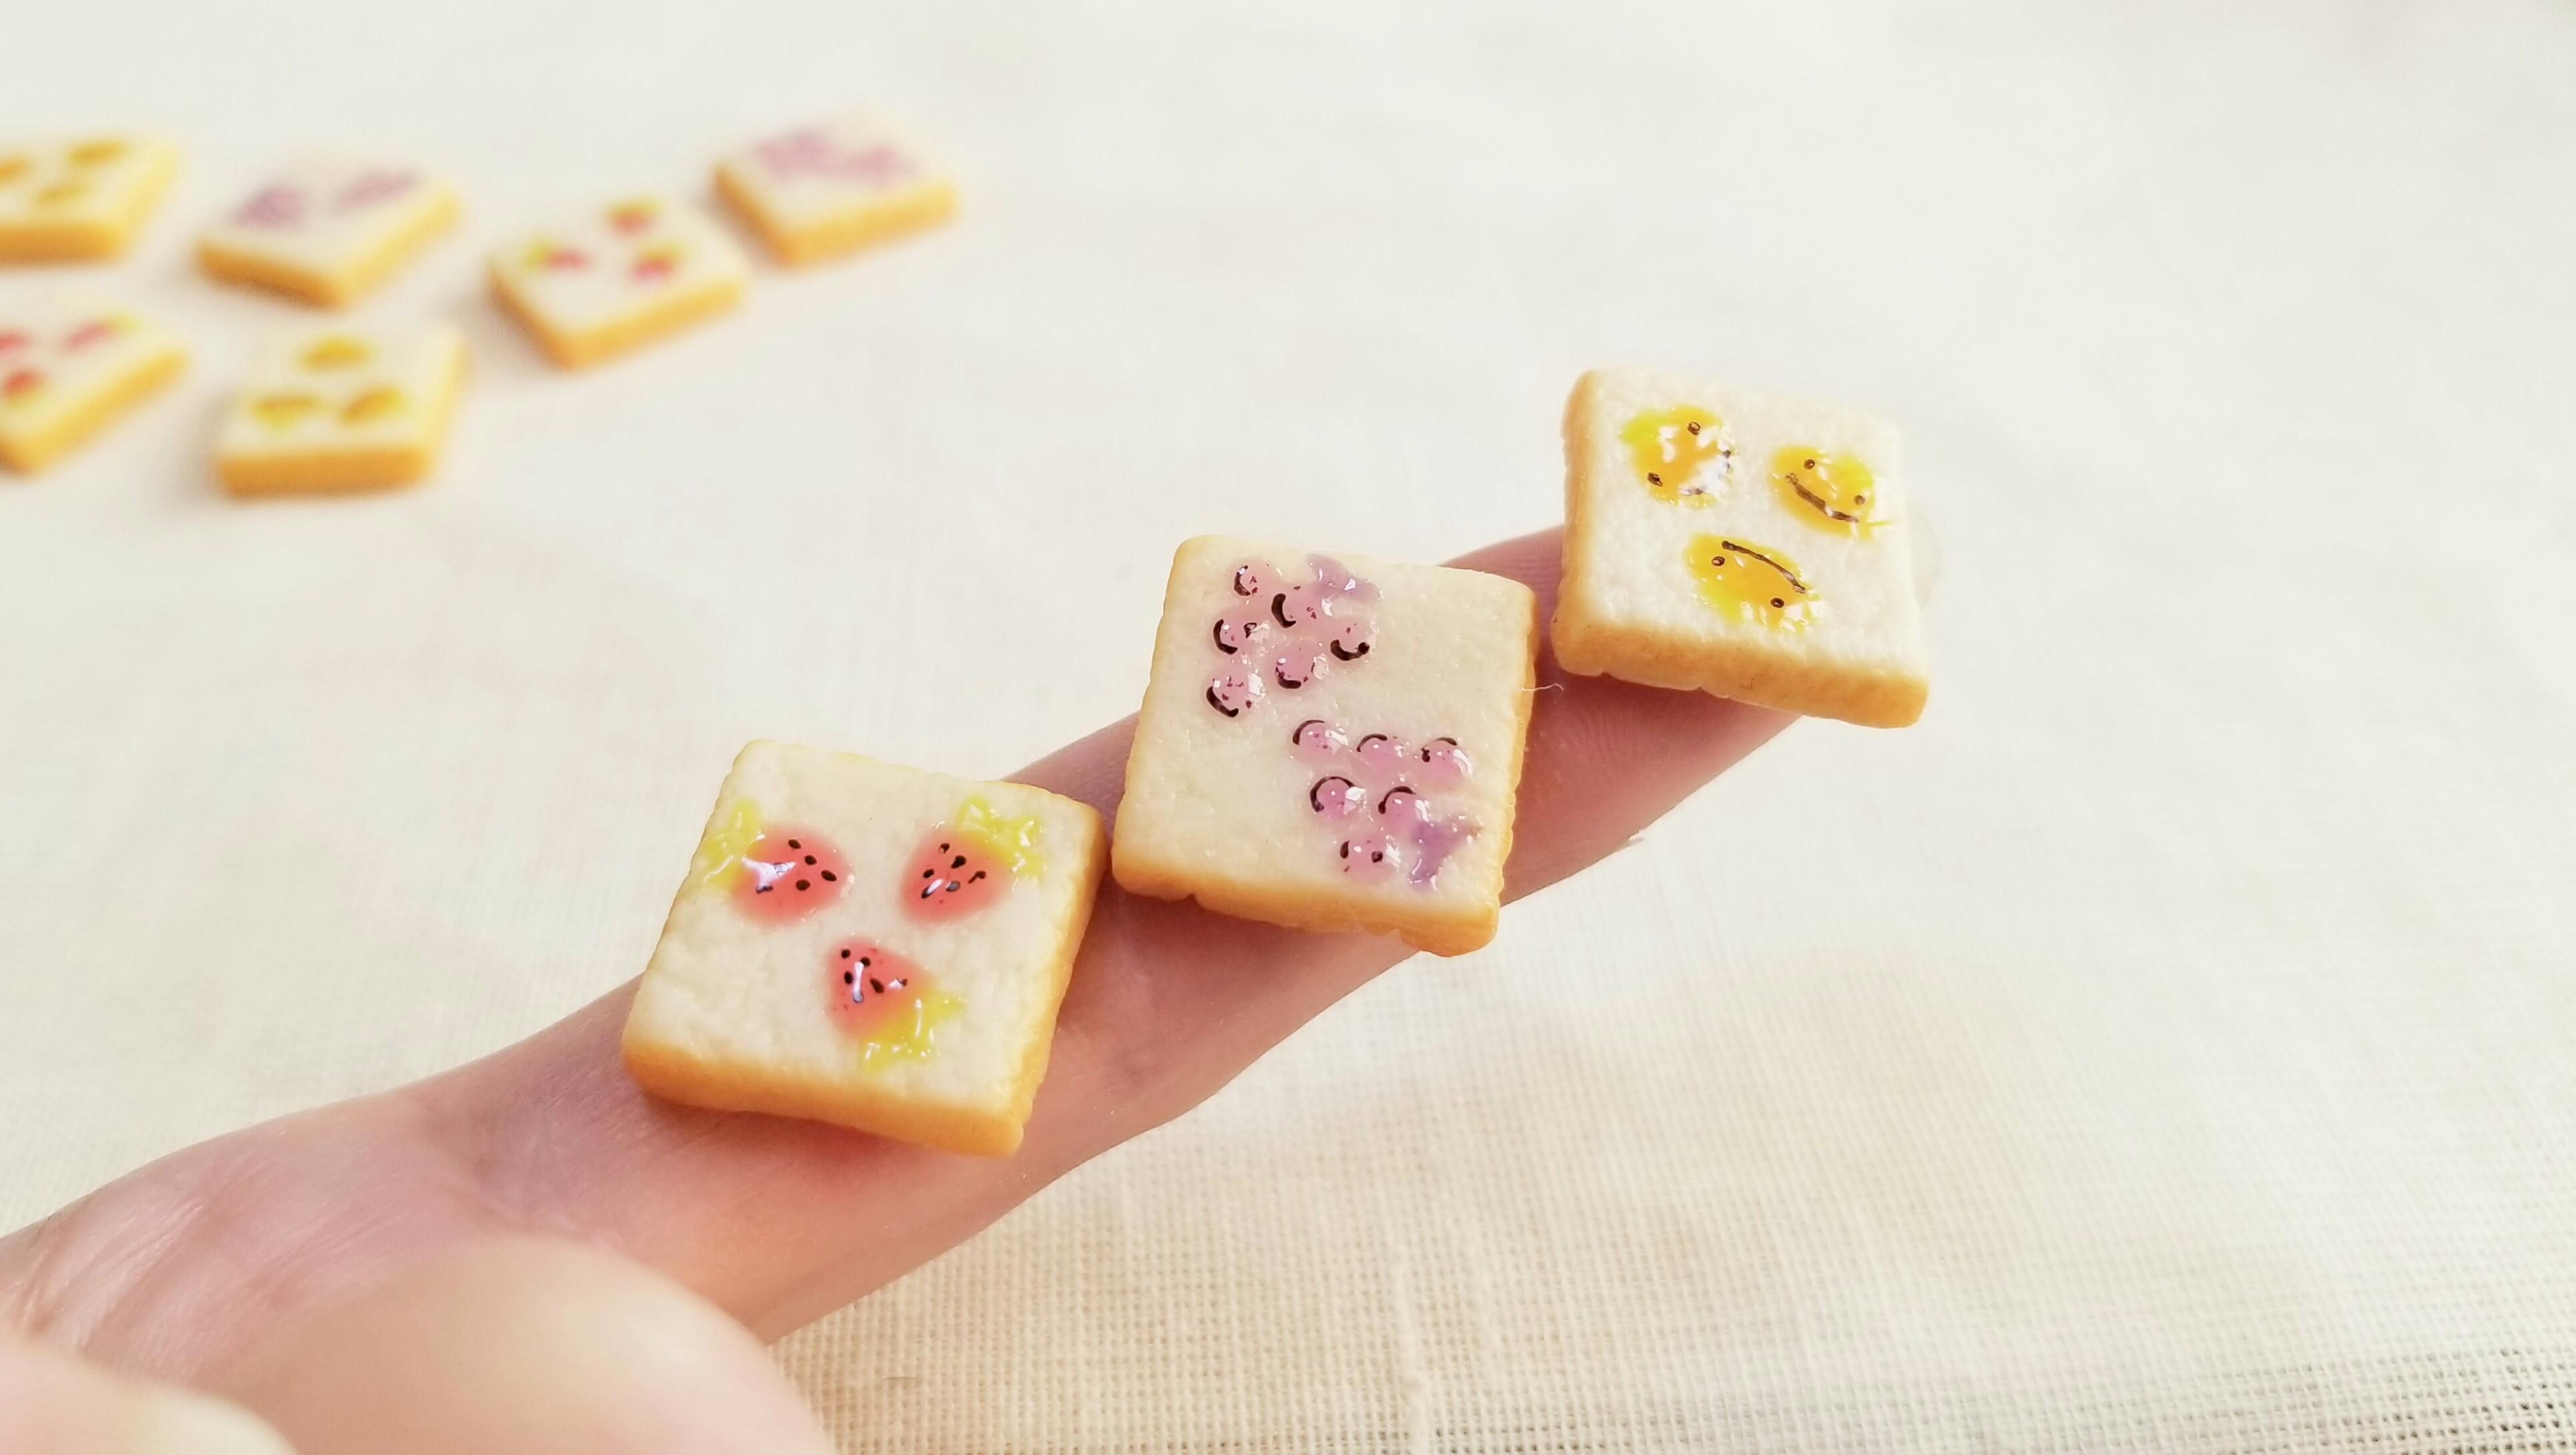 かわいいドール用小物ミニチュア食パンおすすめ人気柄トーストミンネ